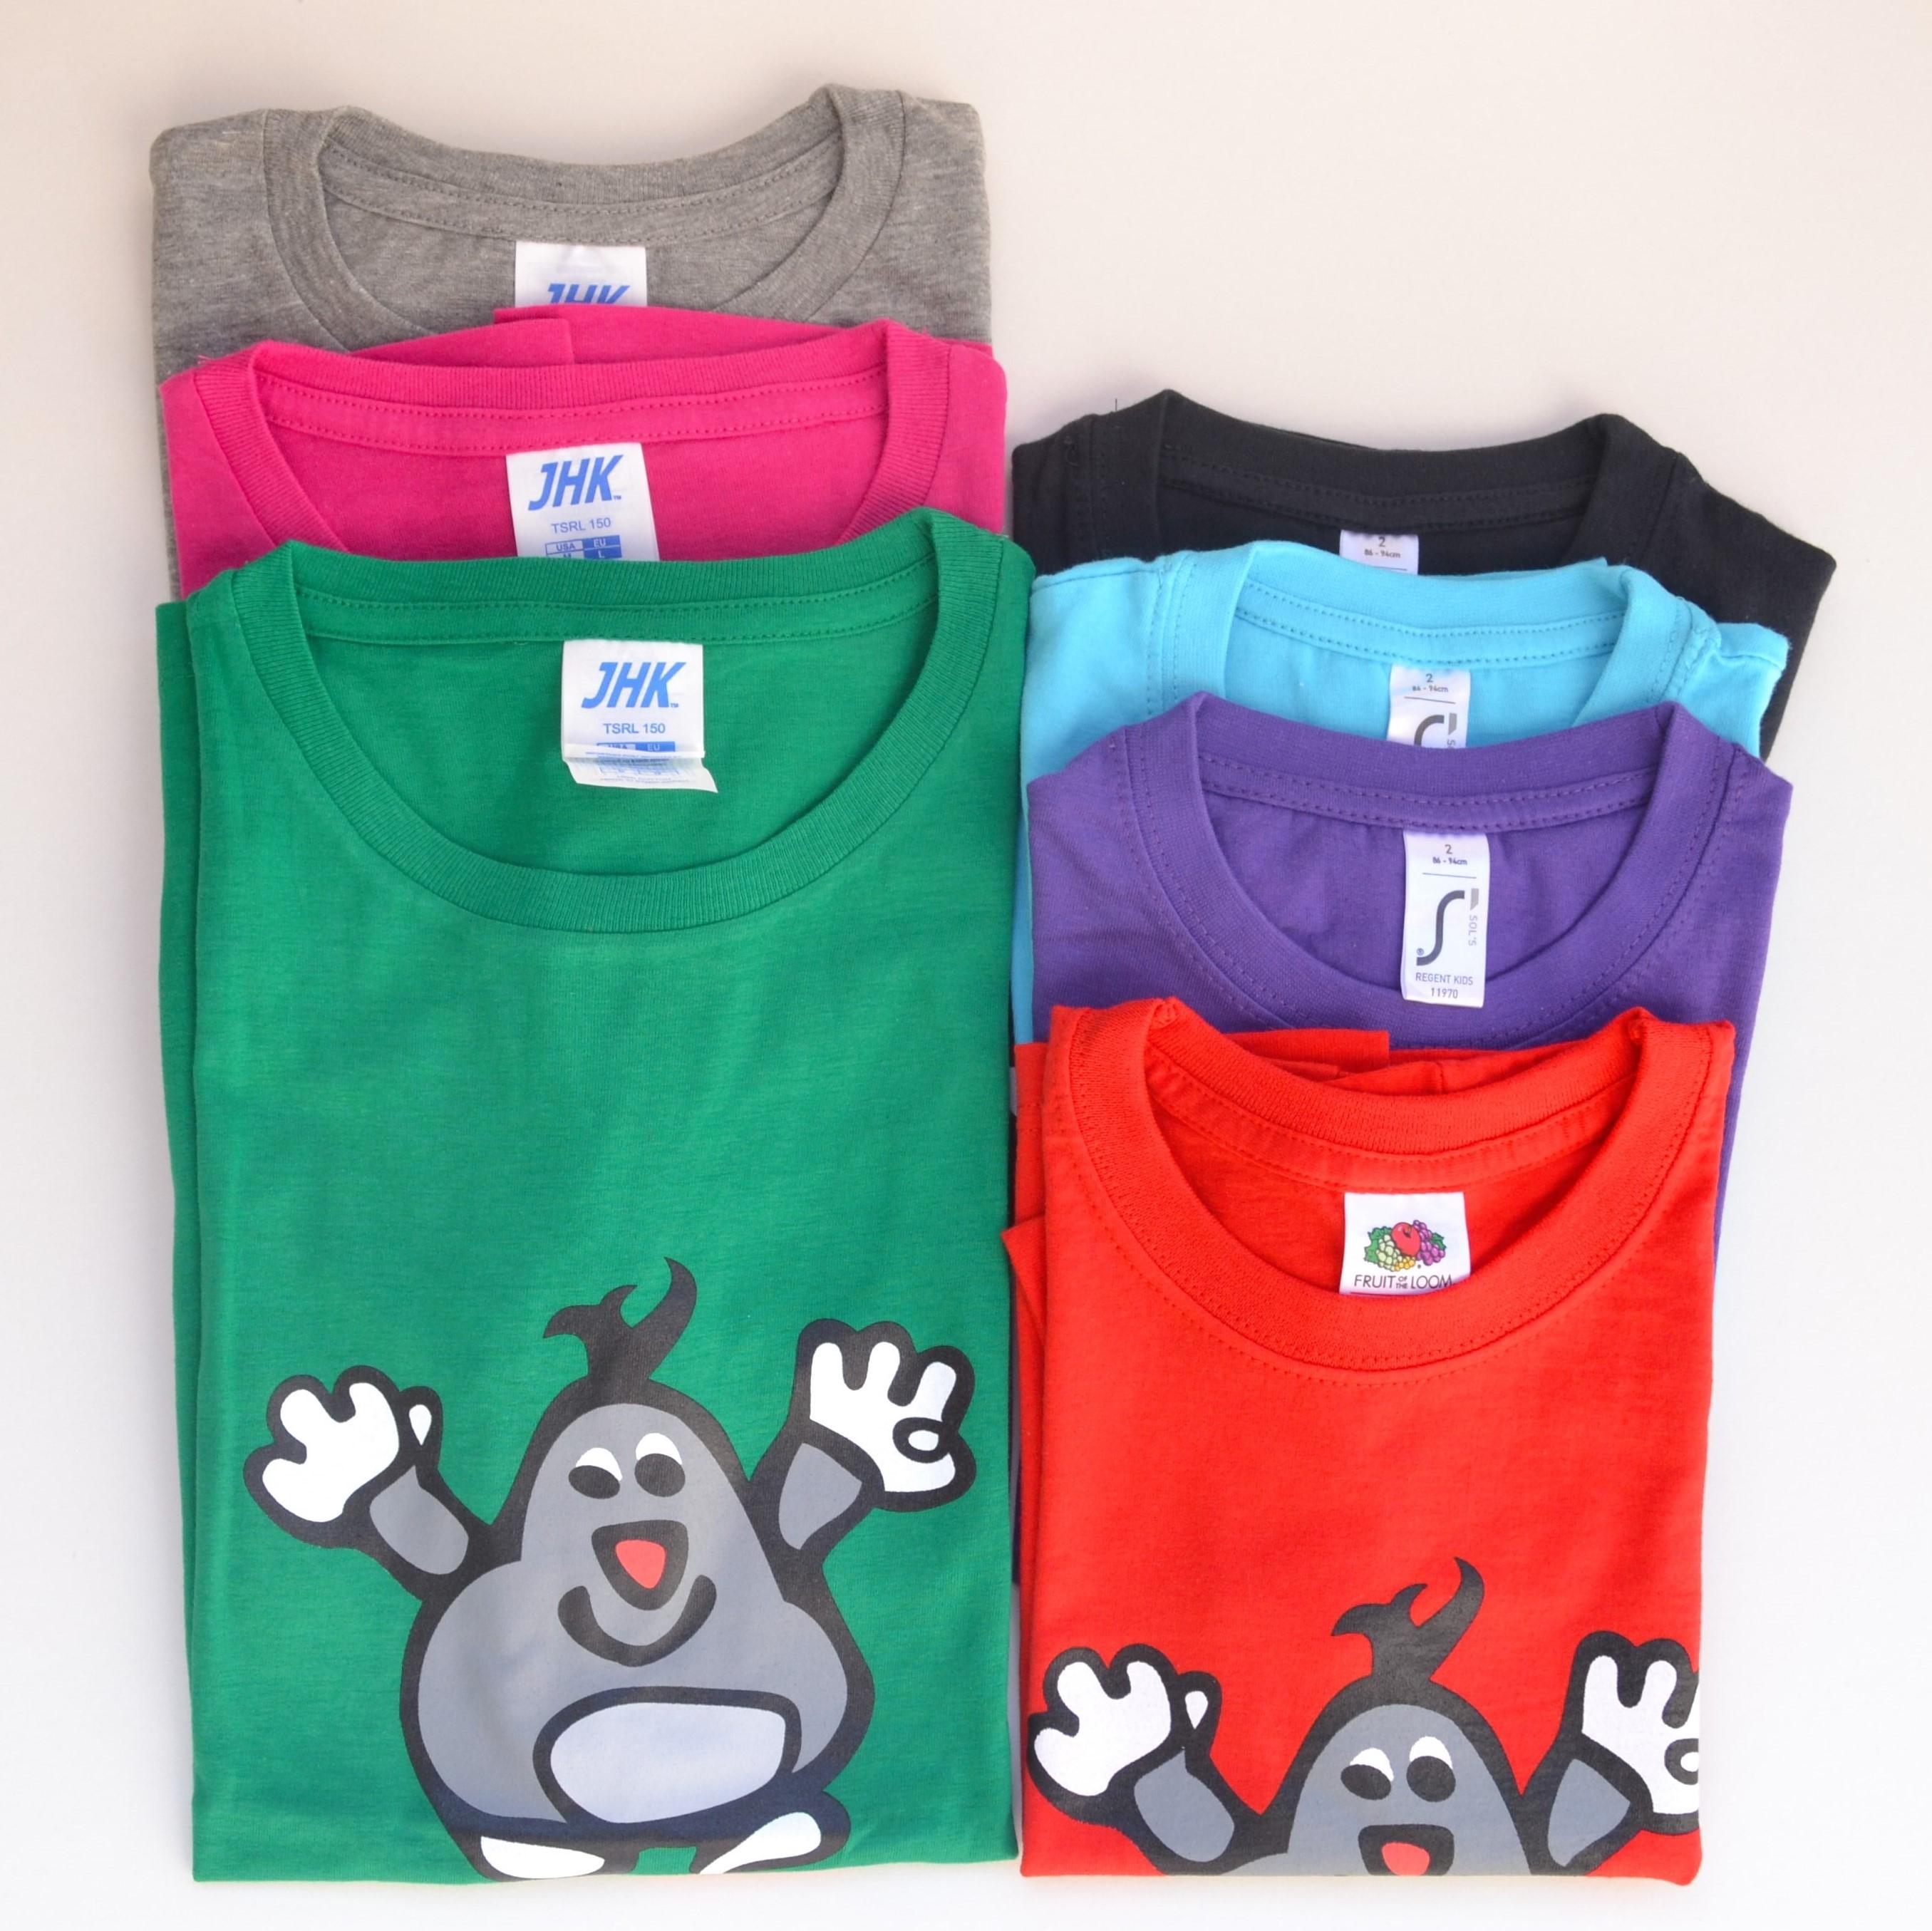 tričko pro děti (150,- Kč), pro dospělé (200,- Kč)